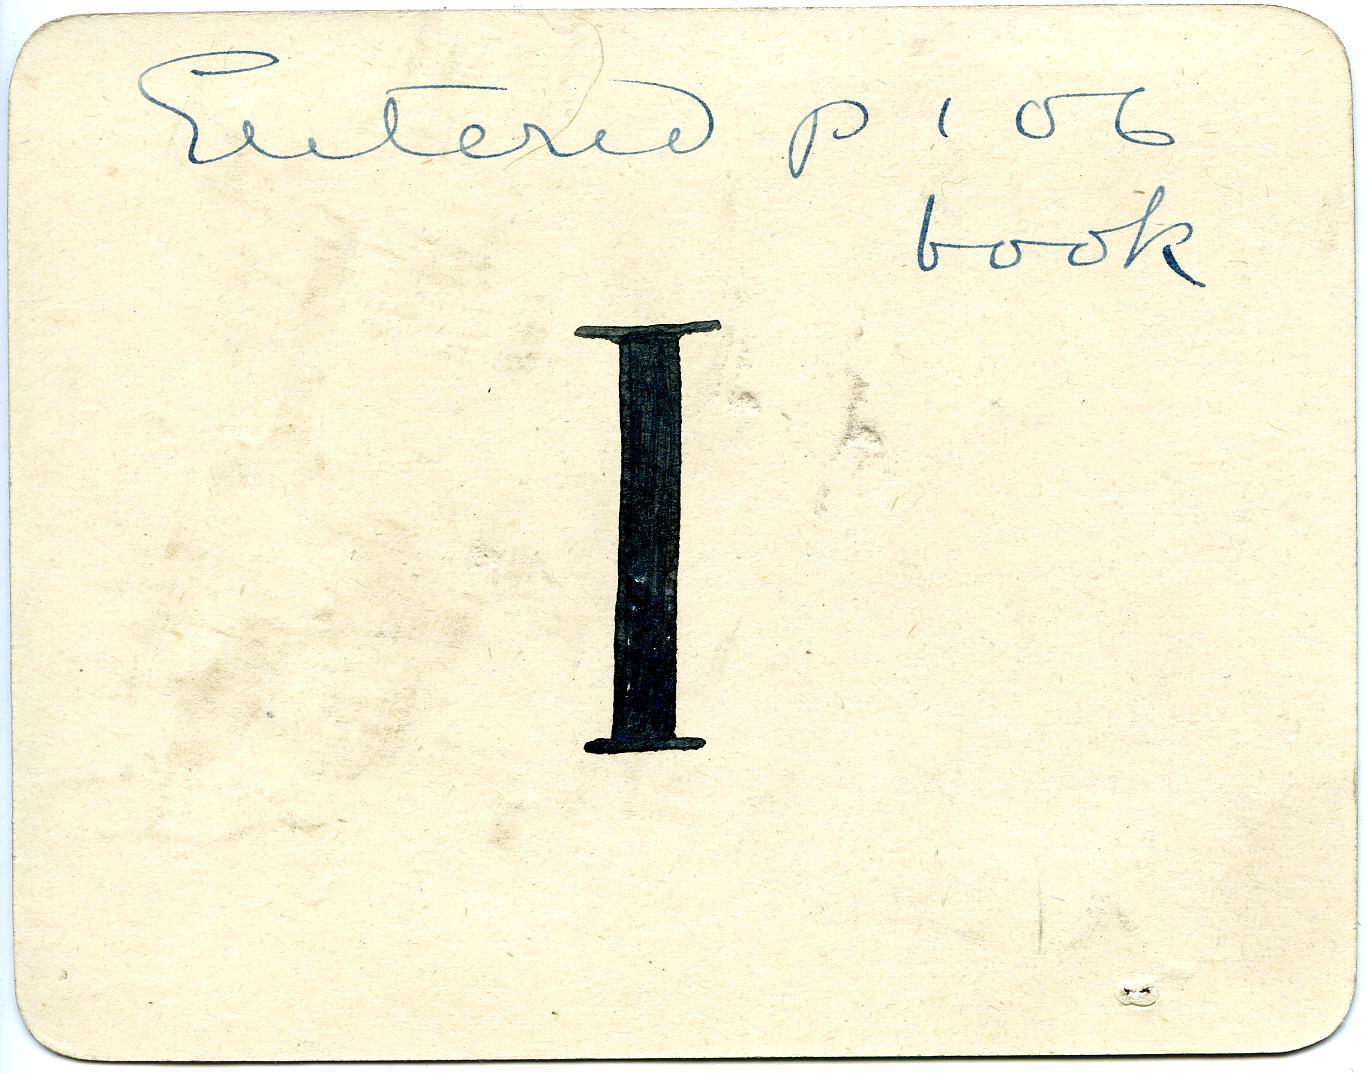 1905-06 Deir el-Bahri, Oxyrhynchus DIST.26.13.012